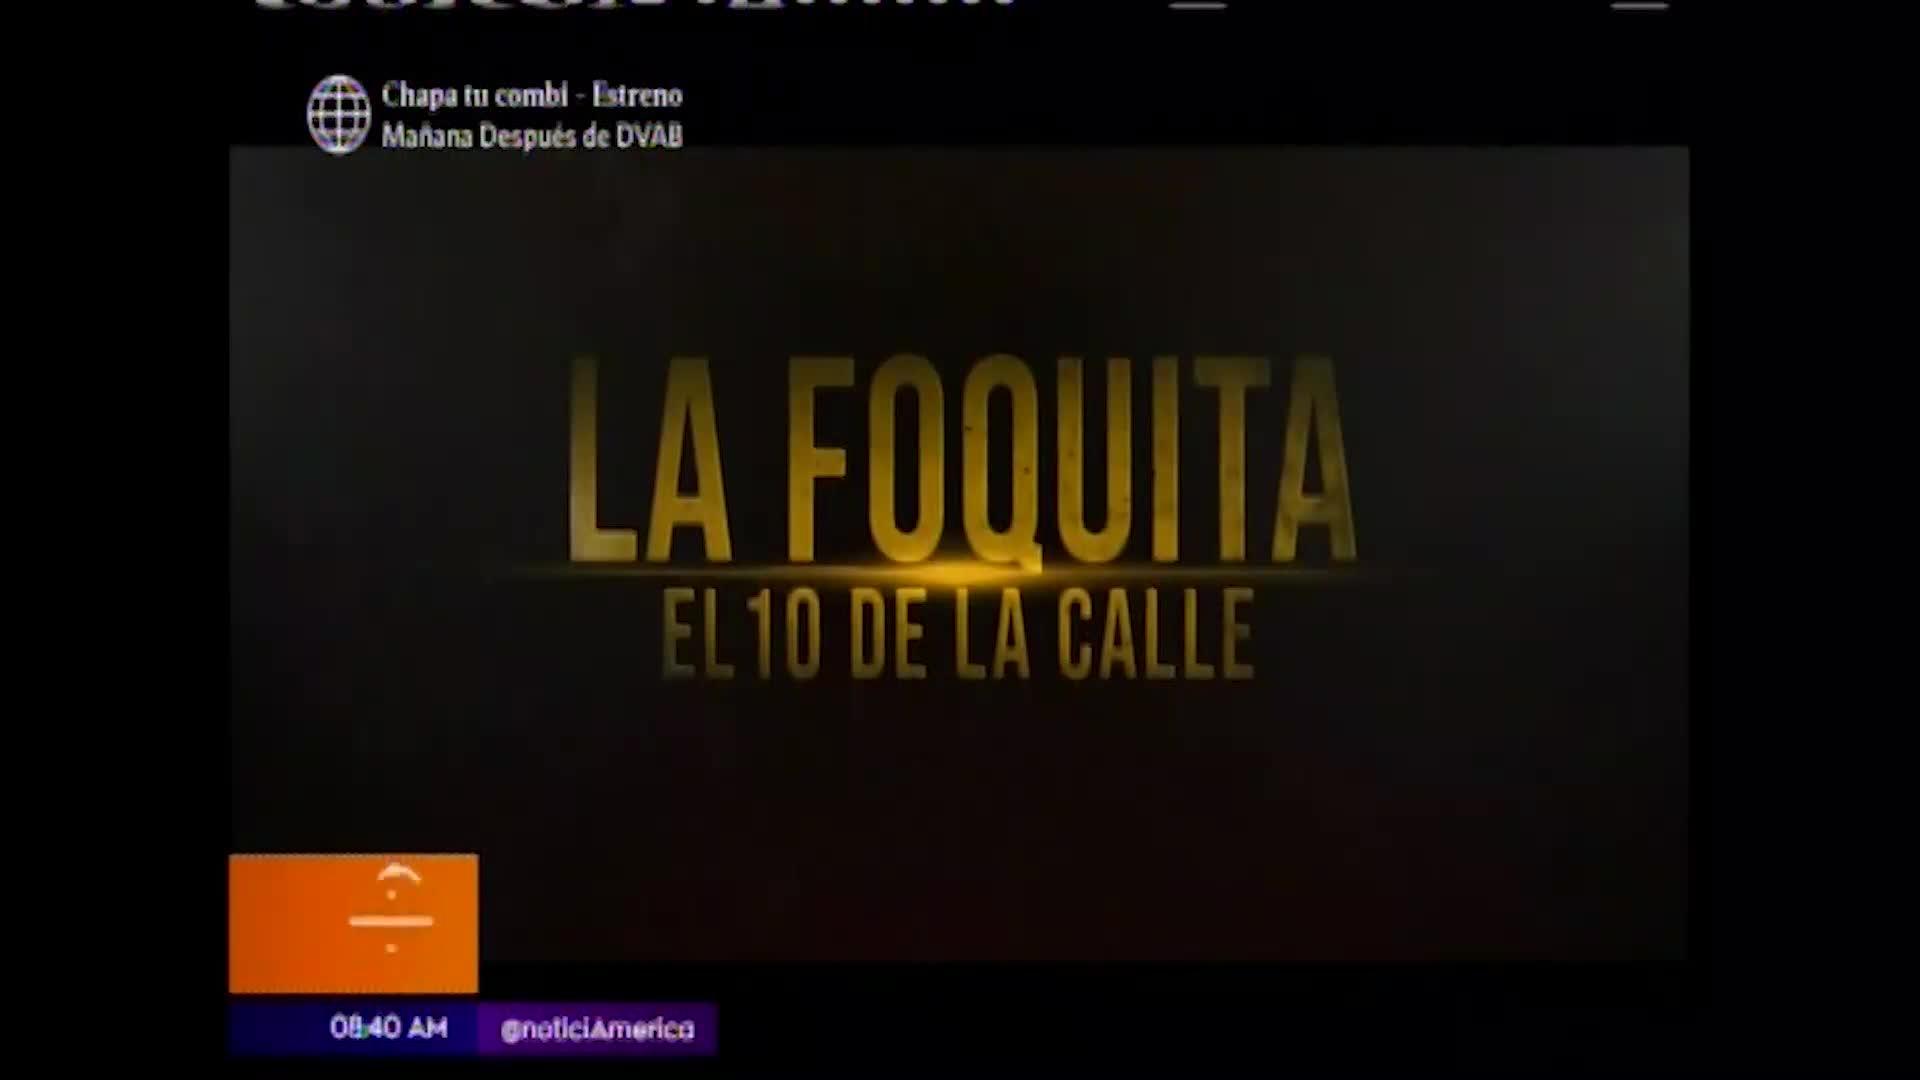 """¡Mira aquí el tráiler oficial de la película peruana """"La Foquita: El 10 de la calle!"""